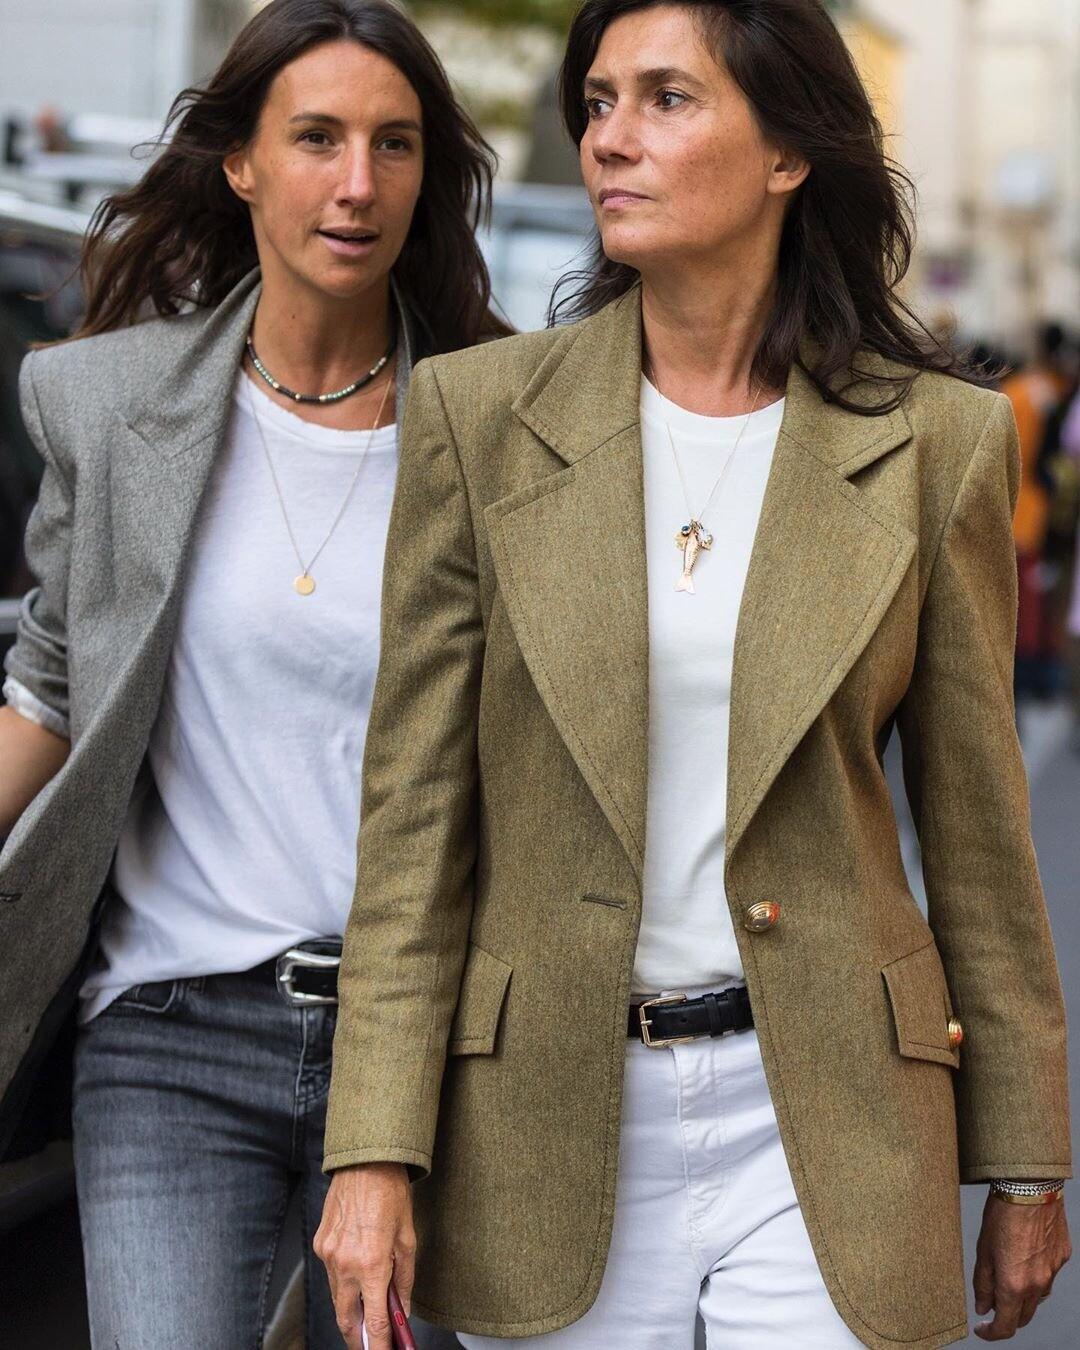 Минимализм в одежде: что это за стиль и как ему следовать